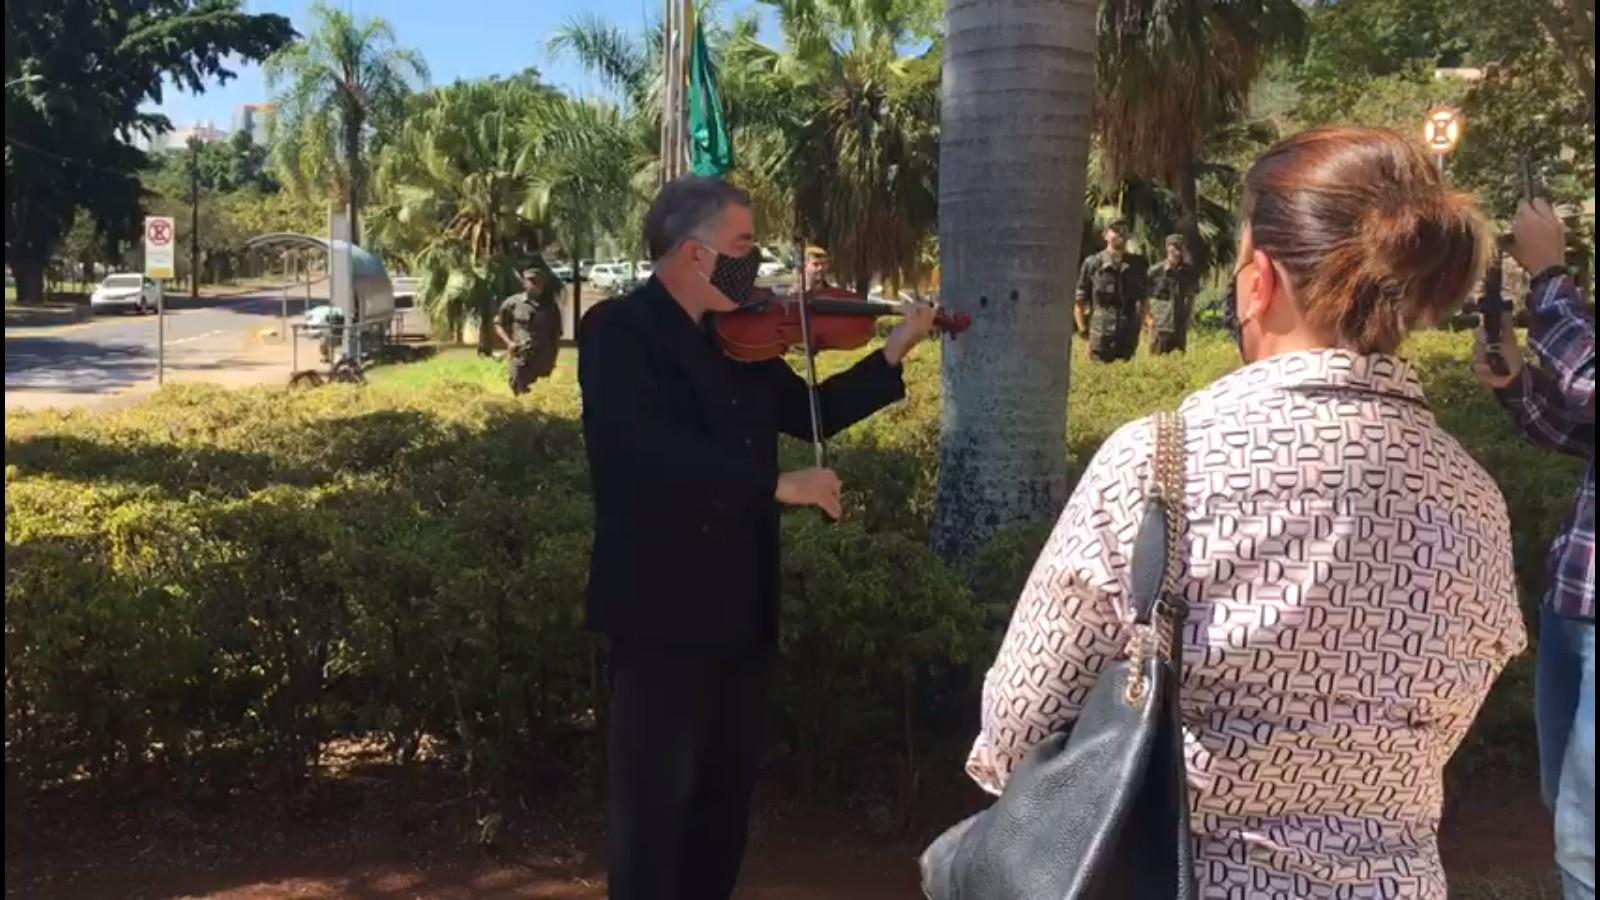 Ato em Piracicaba homenageia vítimas da Covid-19 com violinista e sinos da catedral